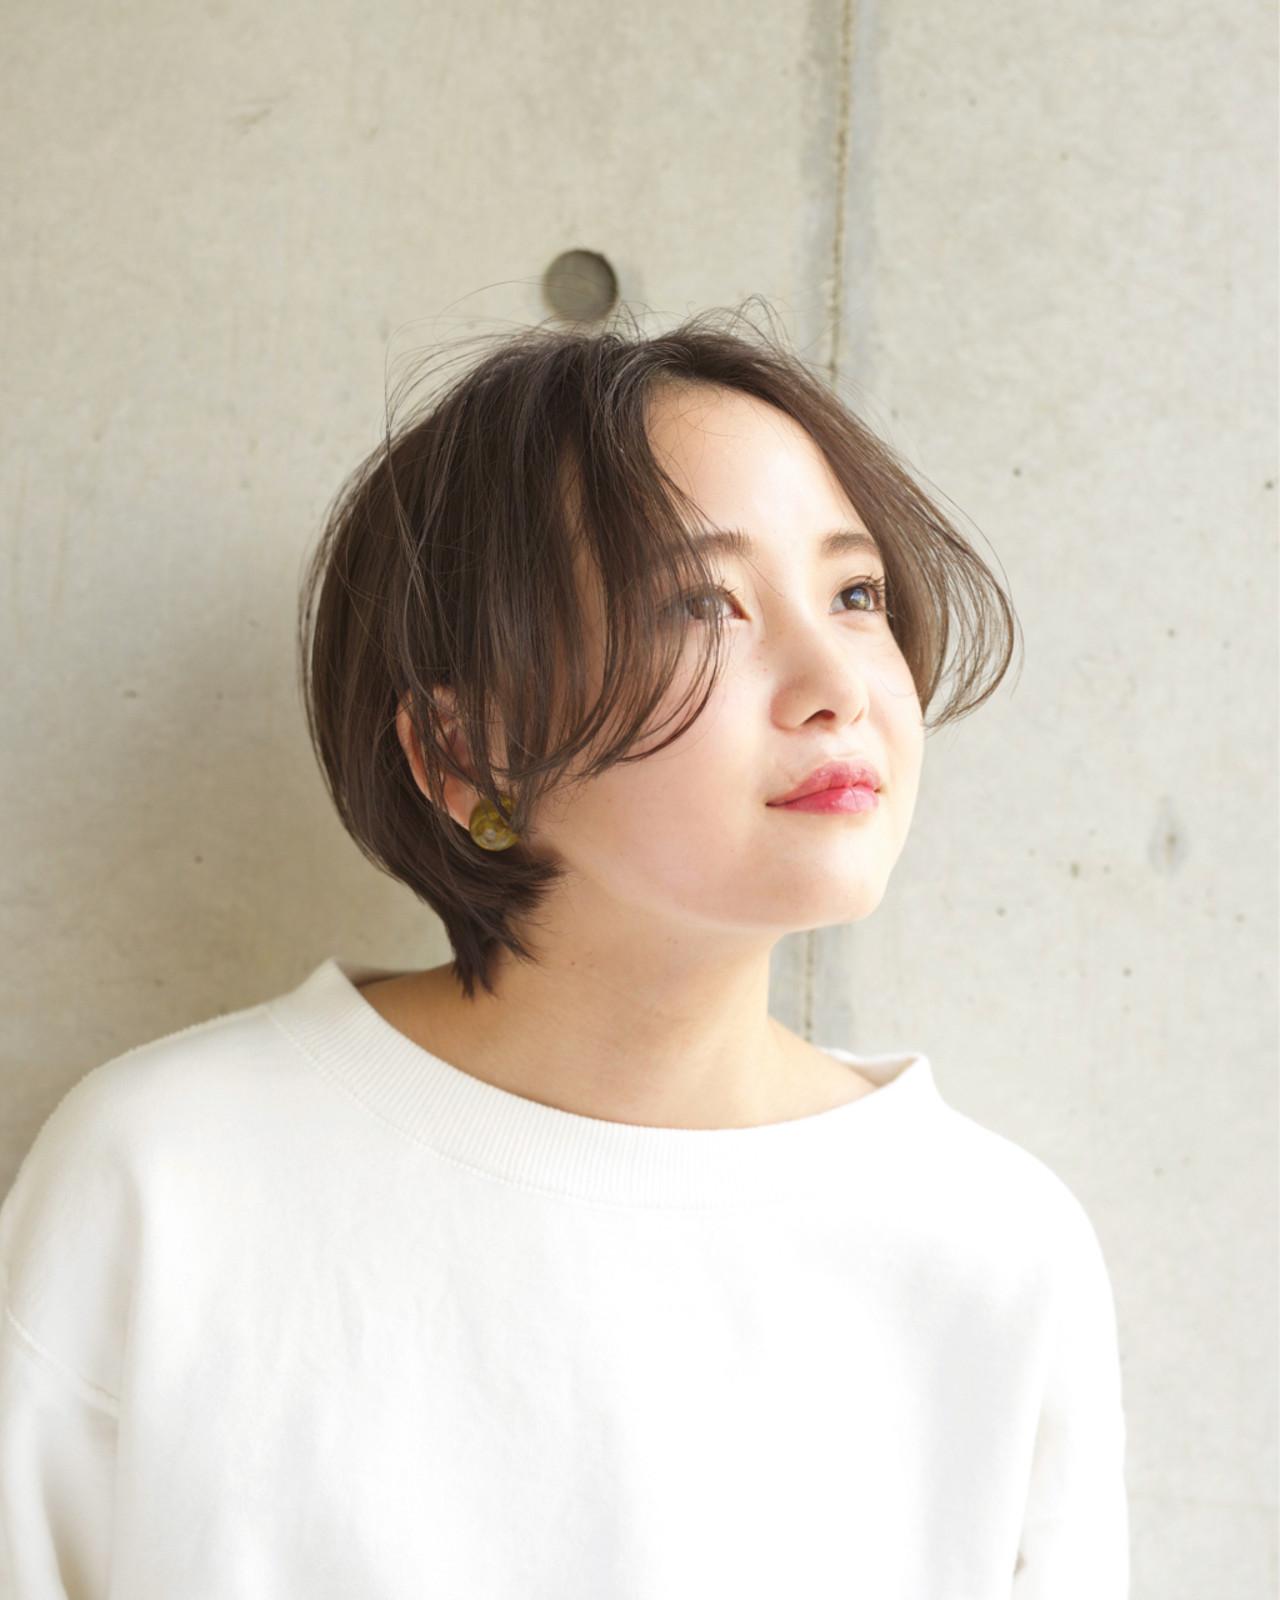 小顔 ショート フェミニン マッシュ ヘアスタイルや髪型の写真・画像